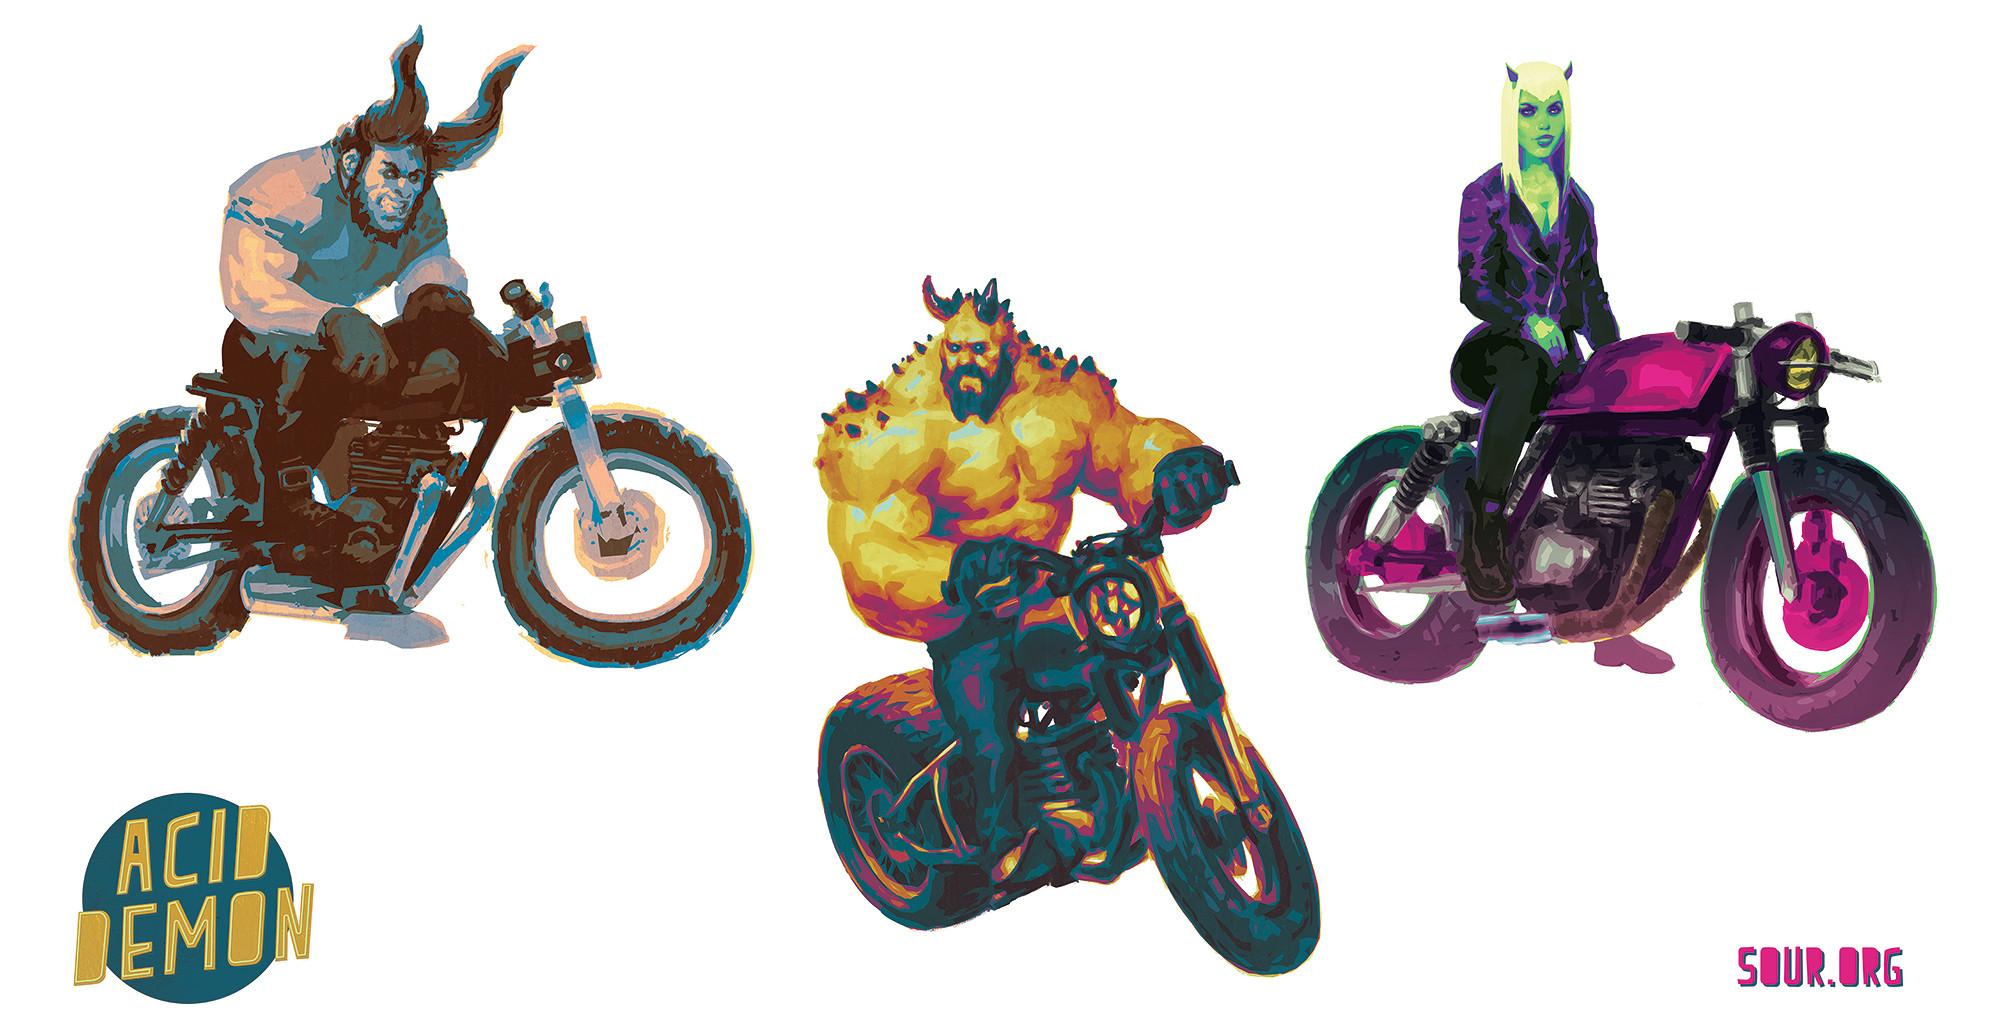 Demon biker trio.